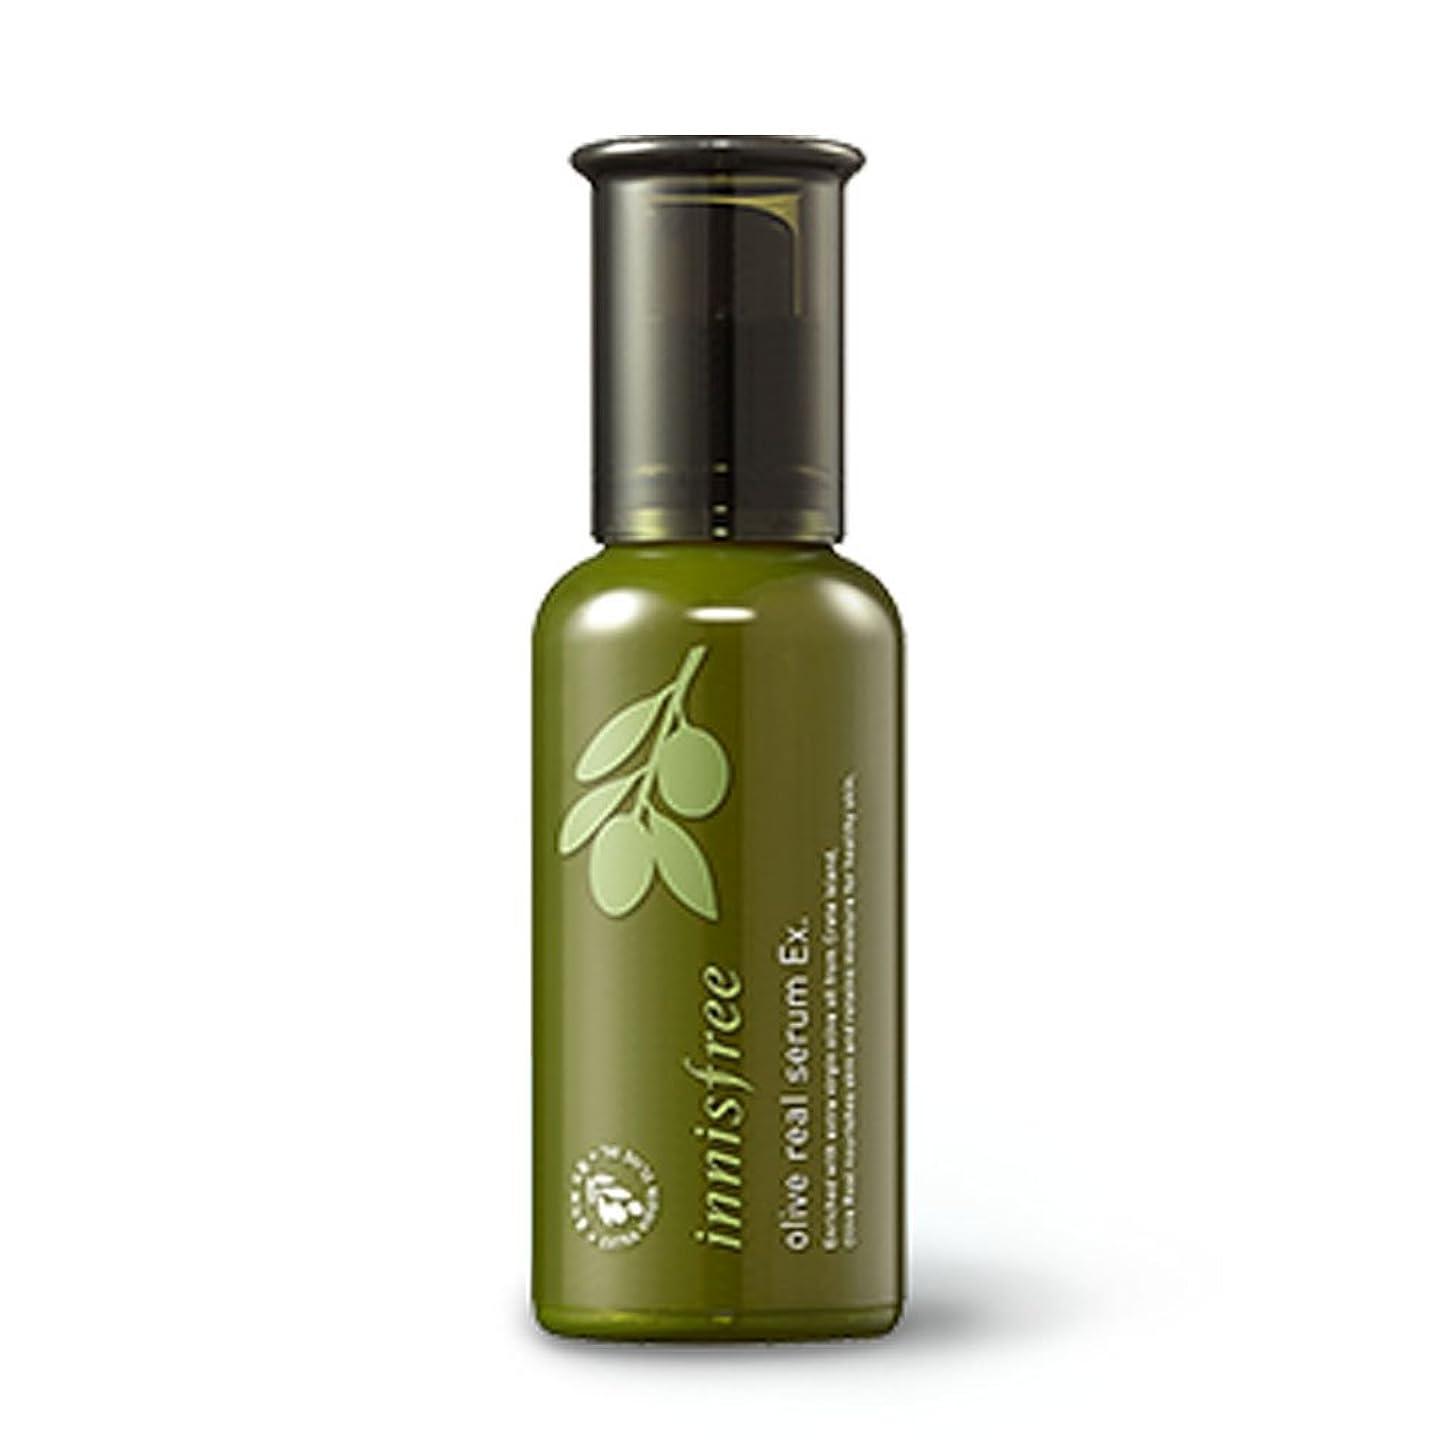 故意に石膏文房具イニスフリーオリーブリアルセラム 50ml / Innisfree Olive Real Serum Ex. 50ml[海外直送品][並行輸入品]